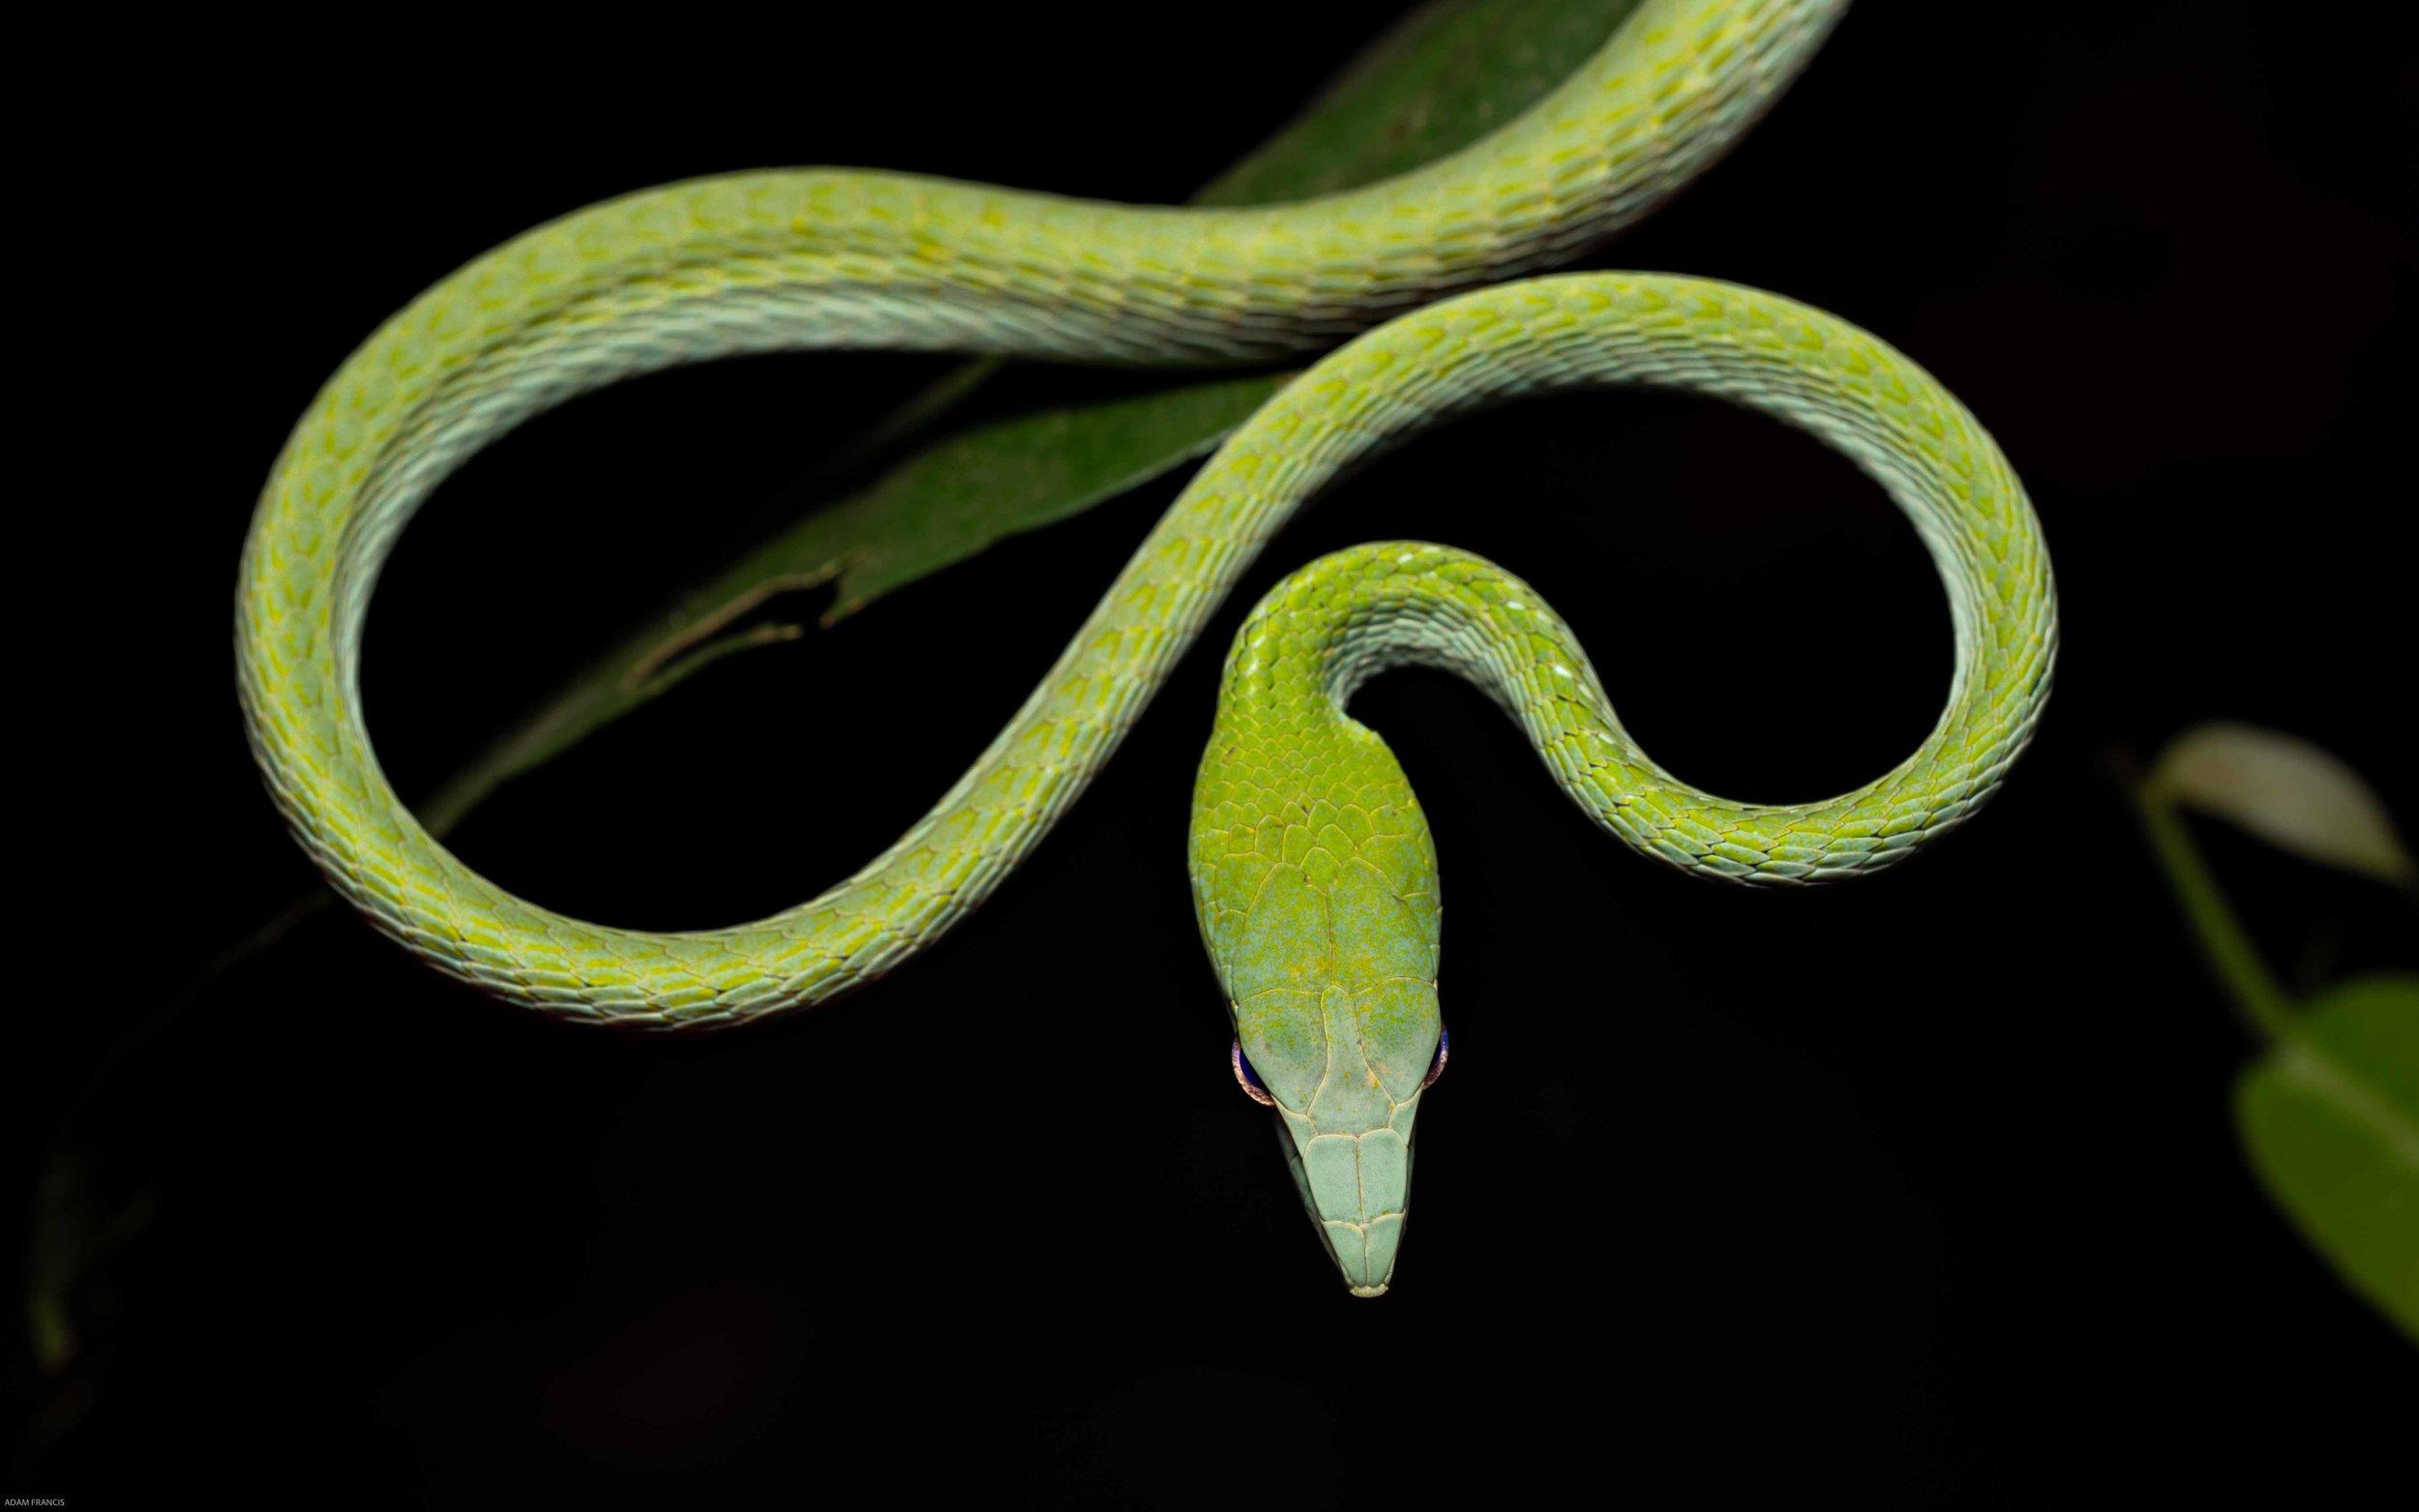 Asian Vine Snake - Ahaetulla prasina